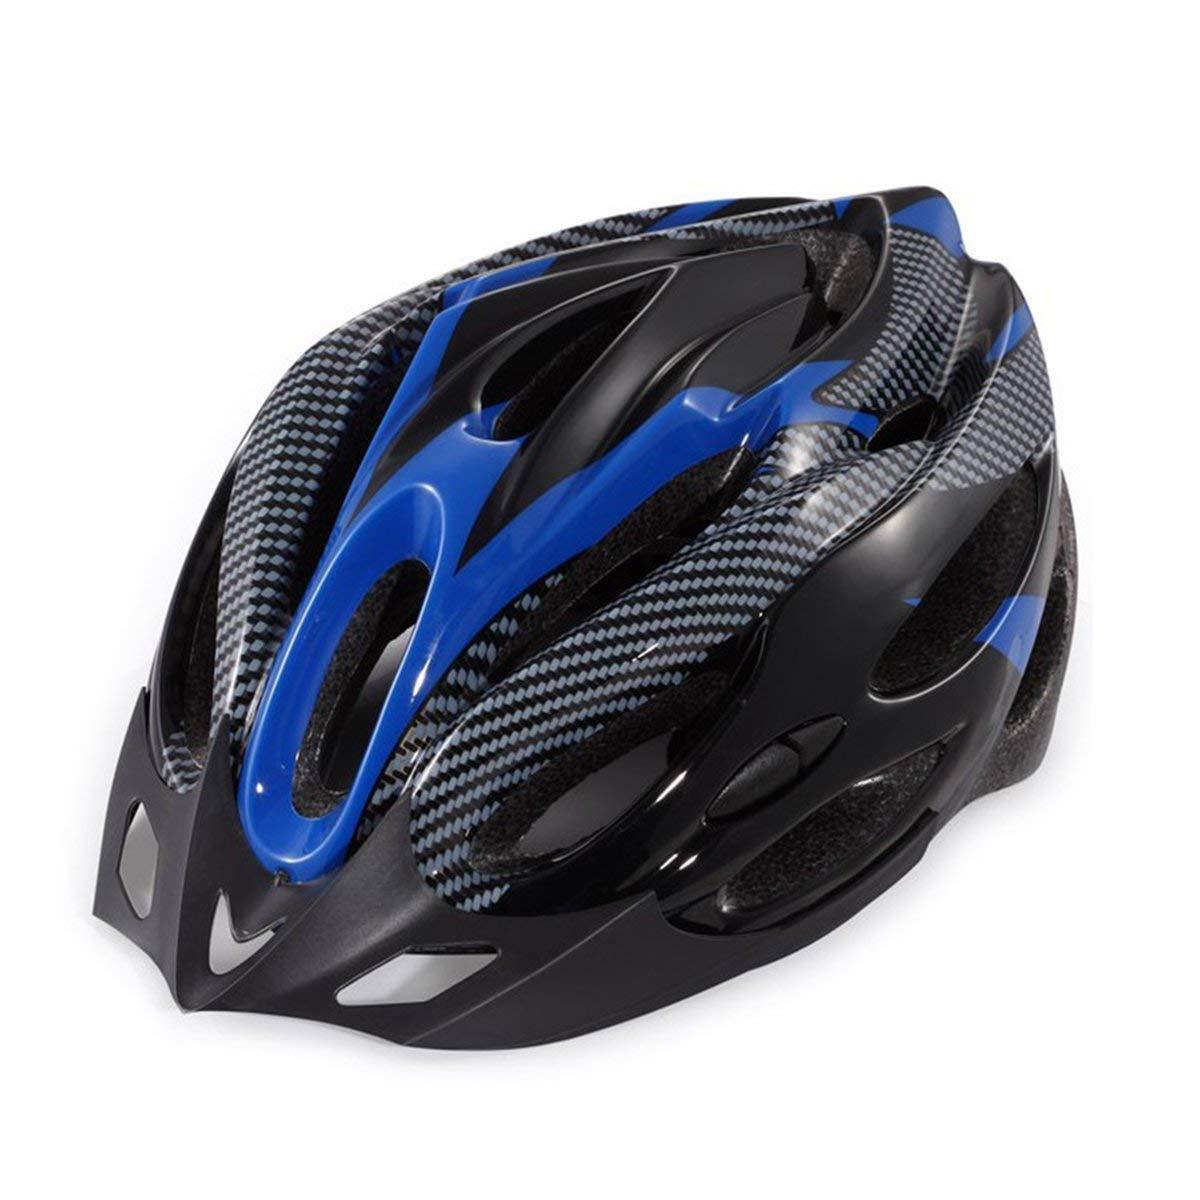 Gugutogo Casco Protettivo da Bici per Bicicletta Integrato Modanatura Esterna Equipaggiamento Sportivo Esterno Calotta Esterna con Schiuma Antiurto Nero Giallo